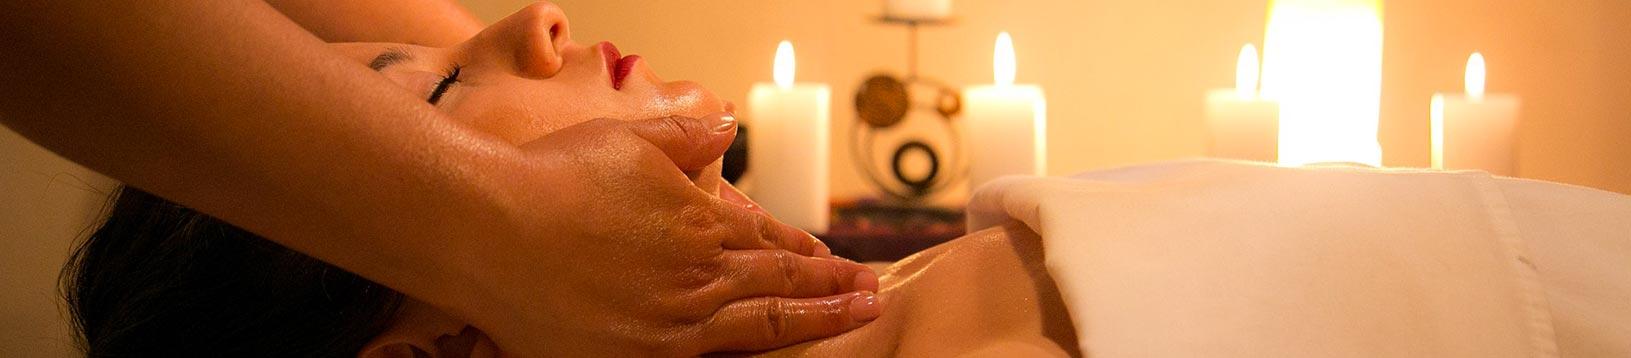 Corso di Massaggio Antistress - Scuola di Naturopatia